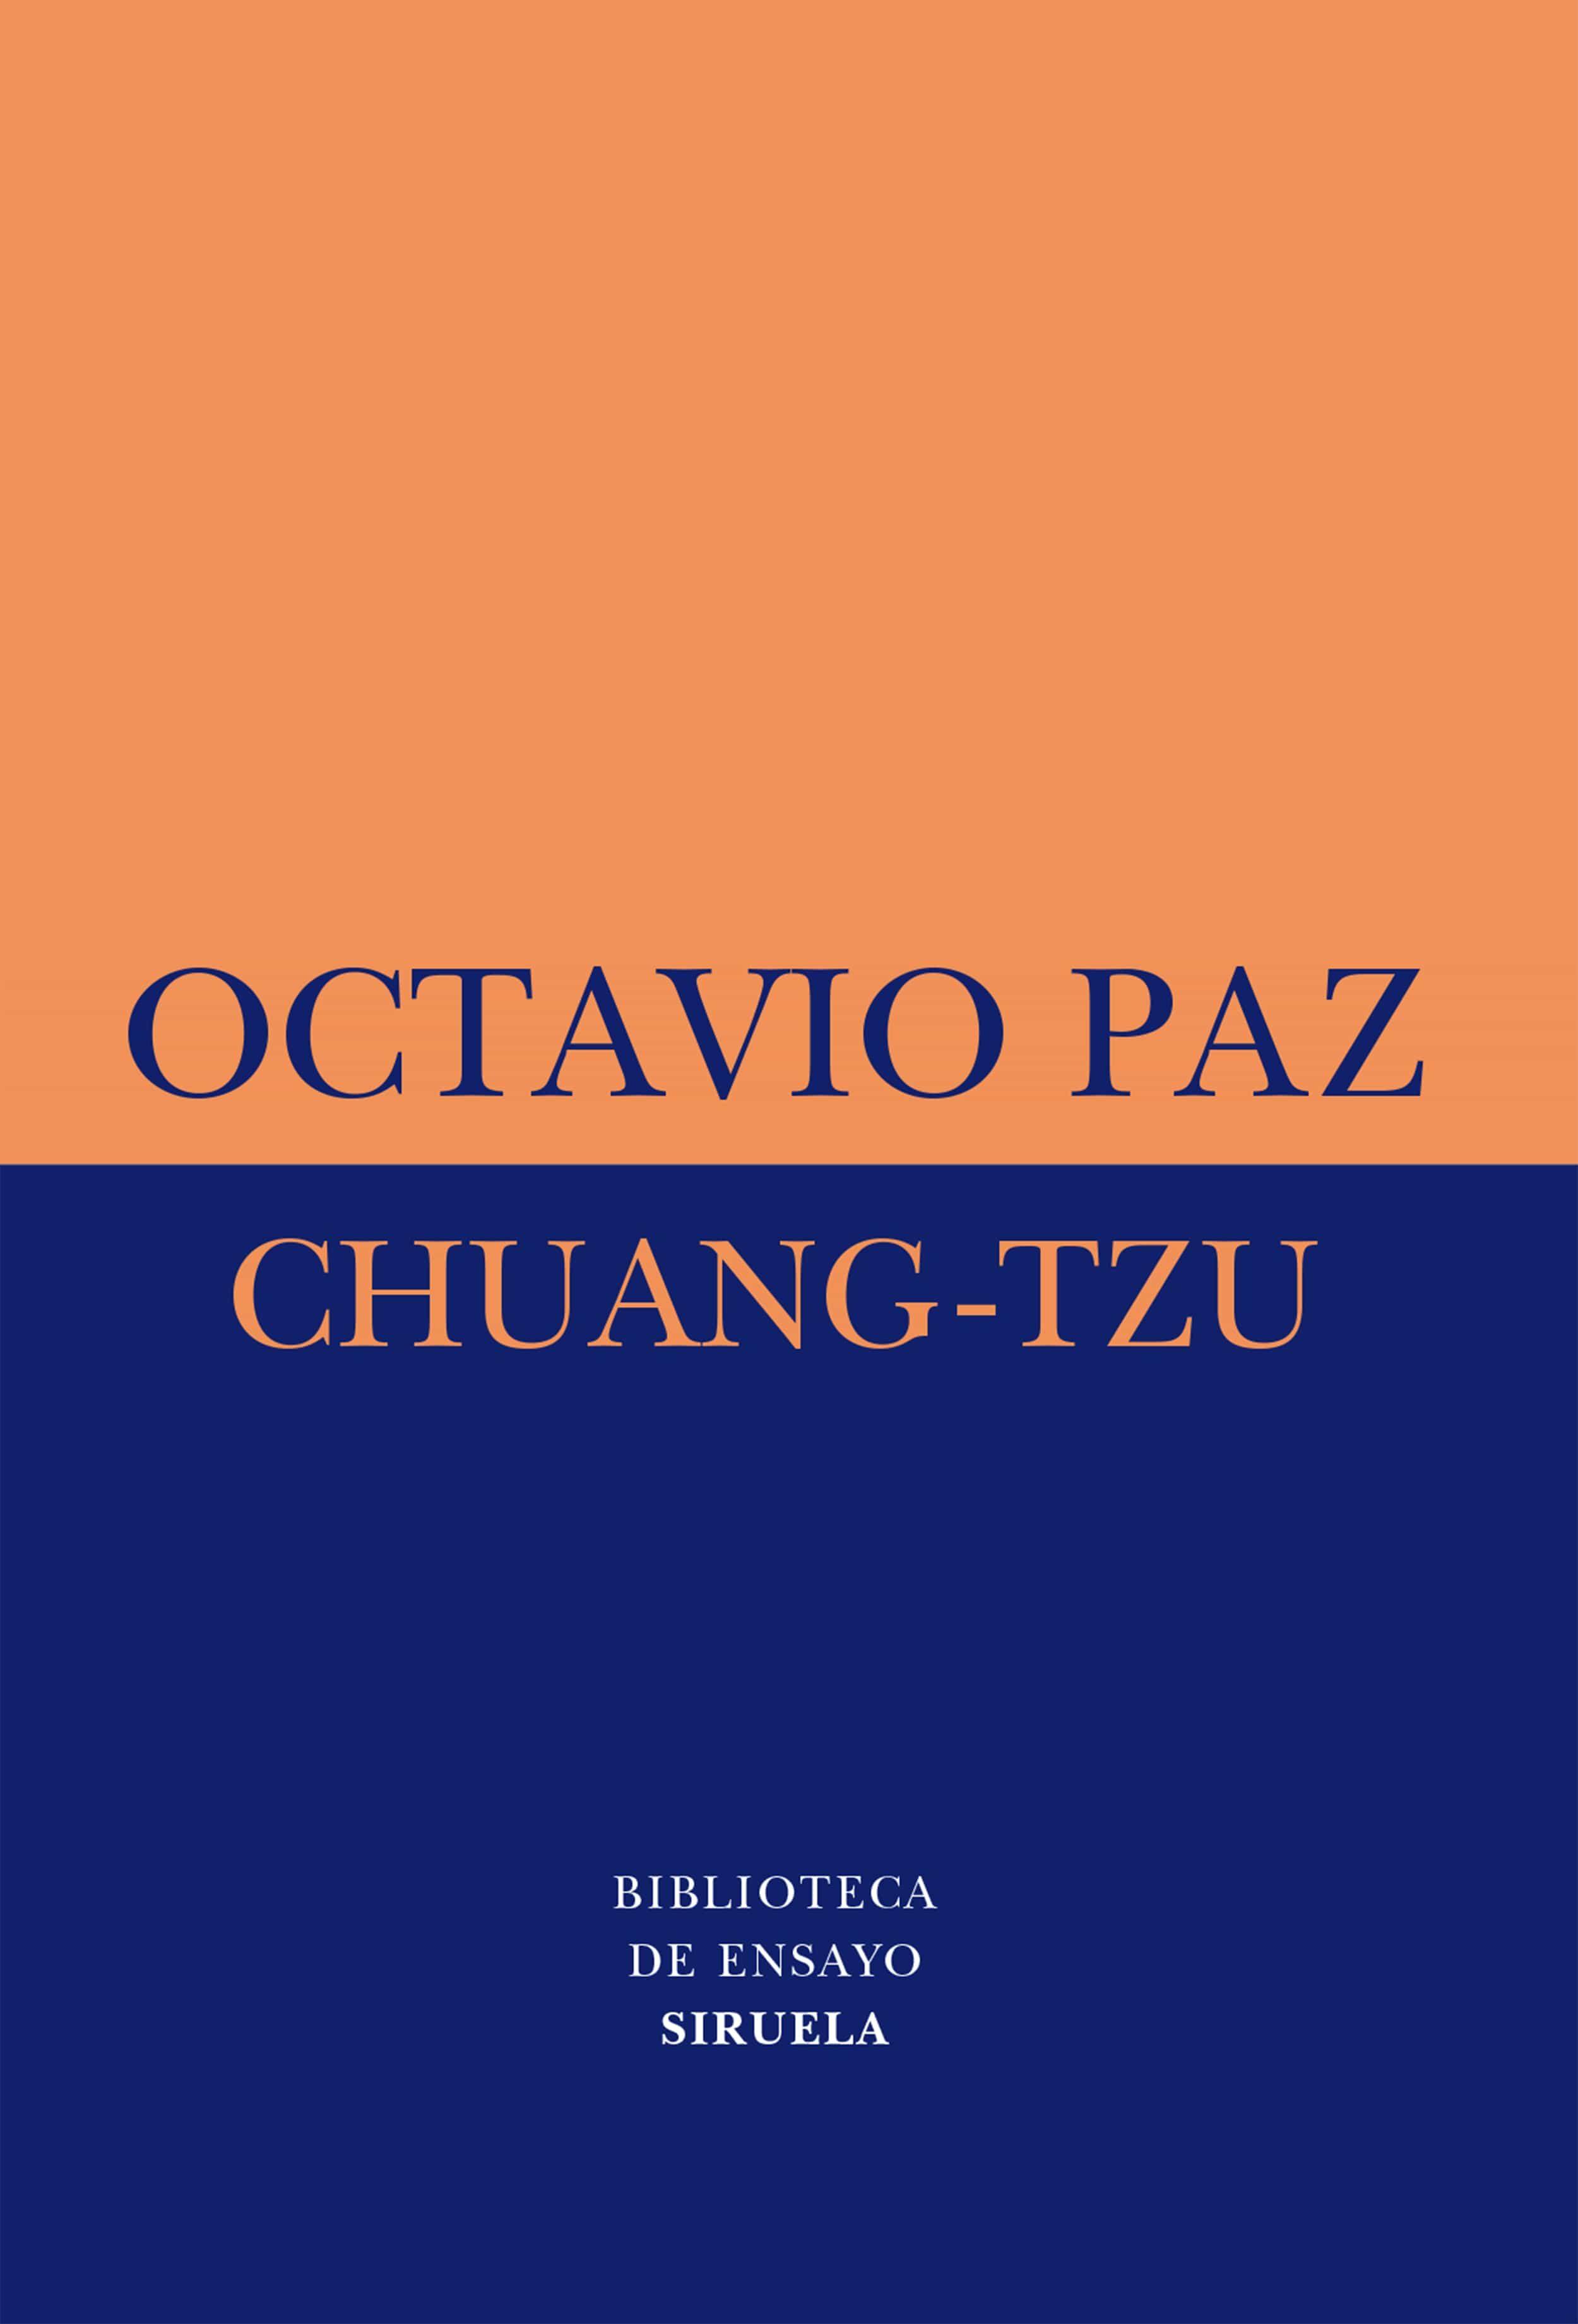 Después de escribir El arco y la lira, Octavio Paz publica este libro en  1957 de corte ensayístico. En este caso el autor mira en su primera parte  hacia su ...